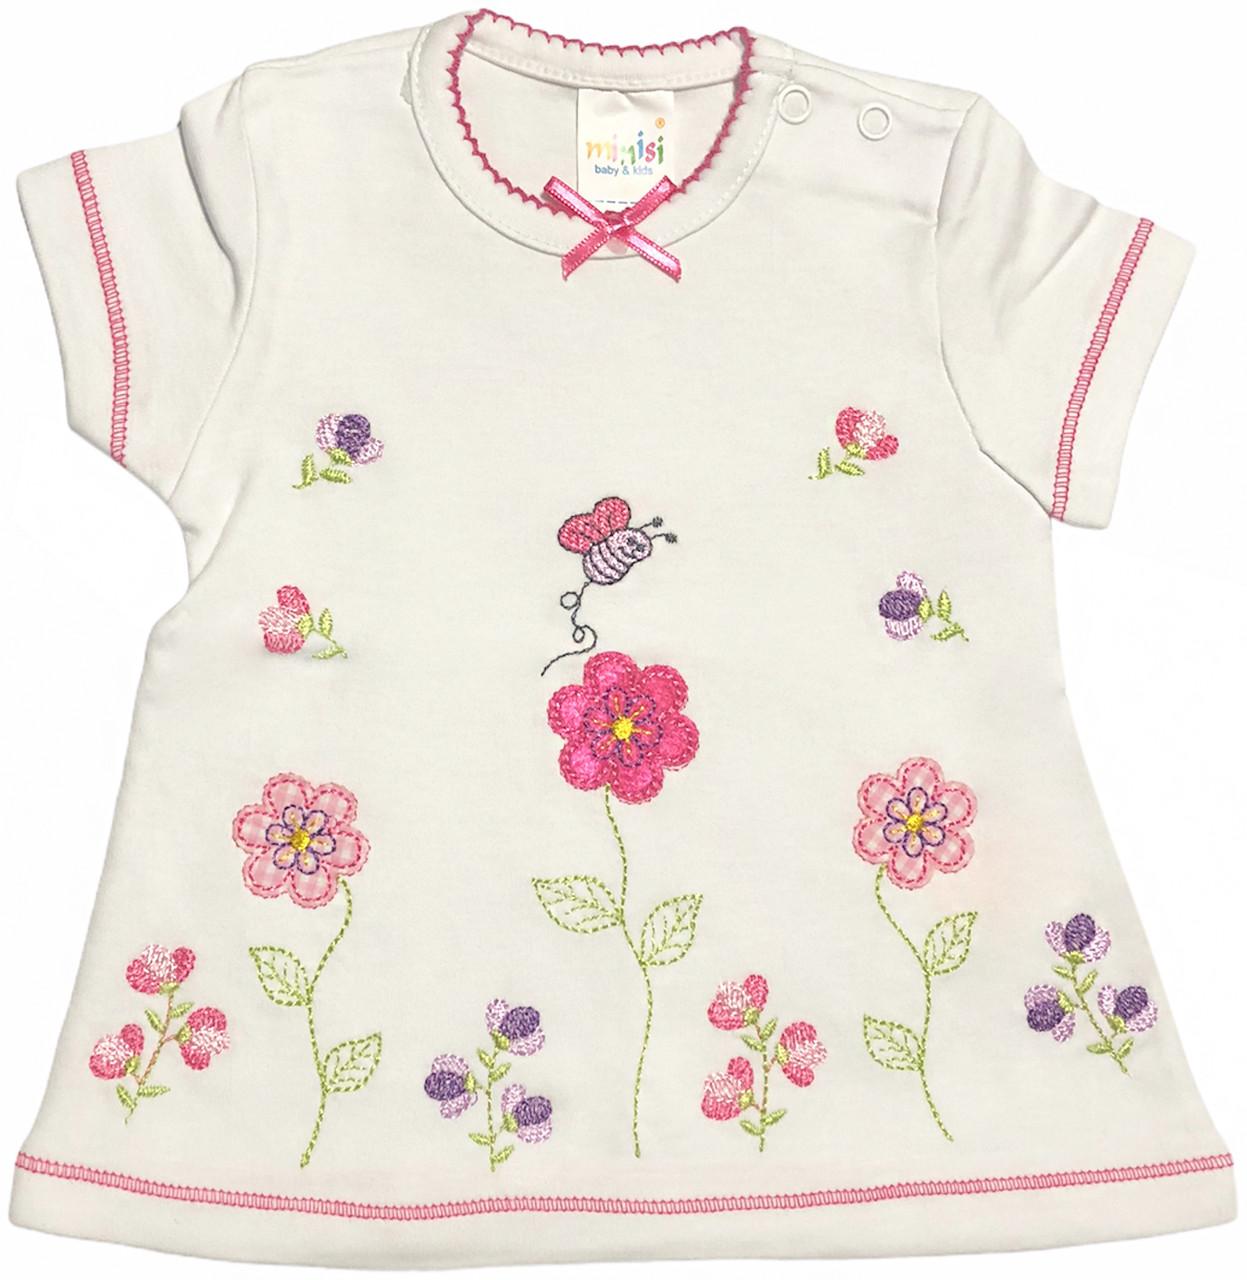 Дитяча футболка на дівчинку ріст 74 6-9 міс для новонароджених малюків красива ошатна трикотажна біла